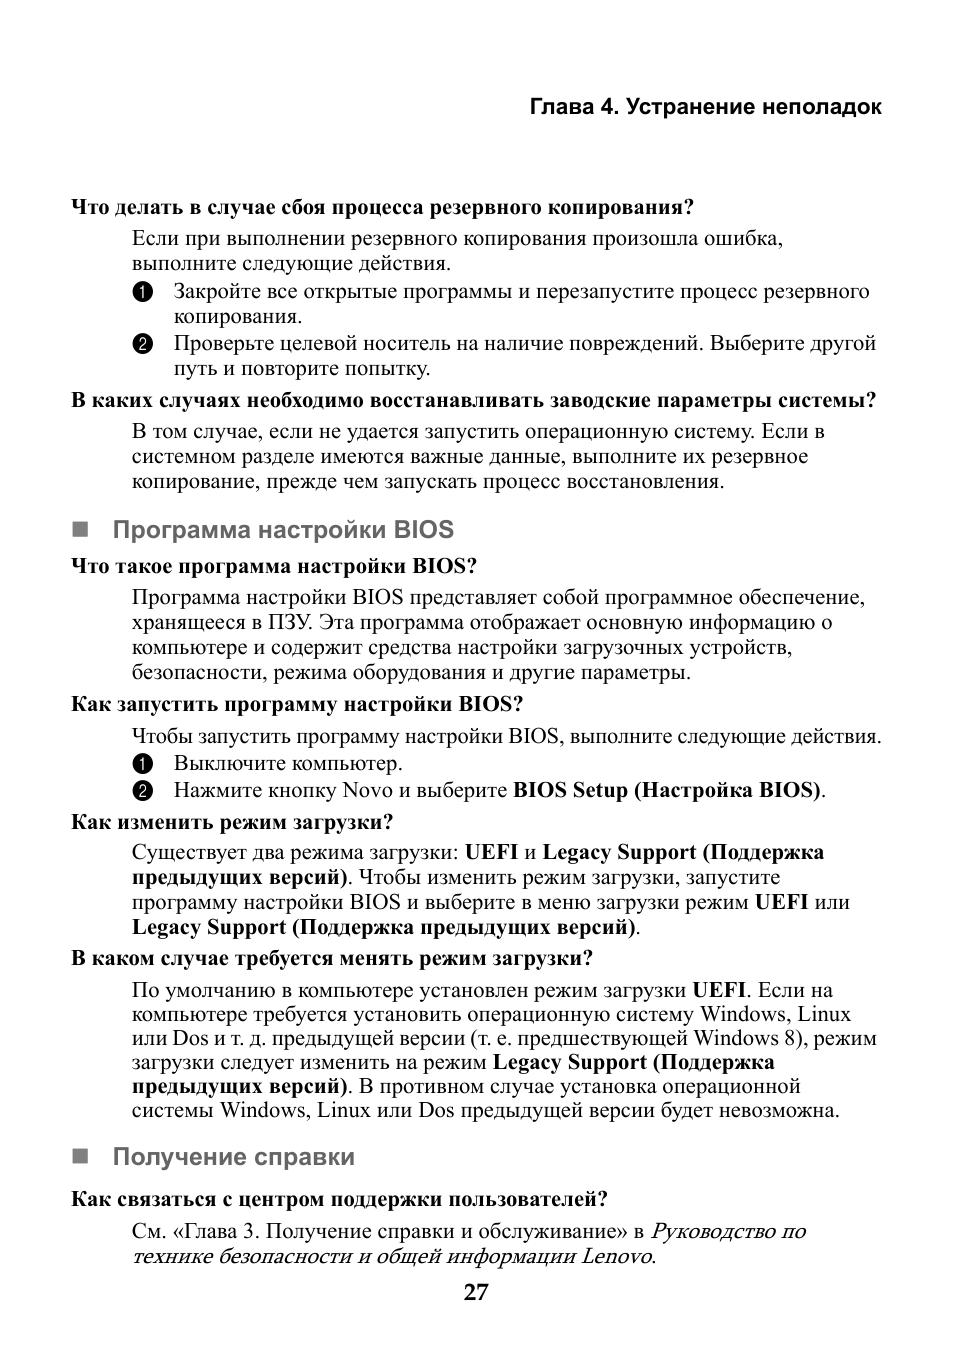 Инструкция по эксплуатации Lenovo Y50-70   Страница 33 / 39